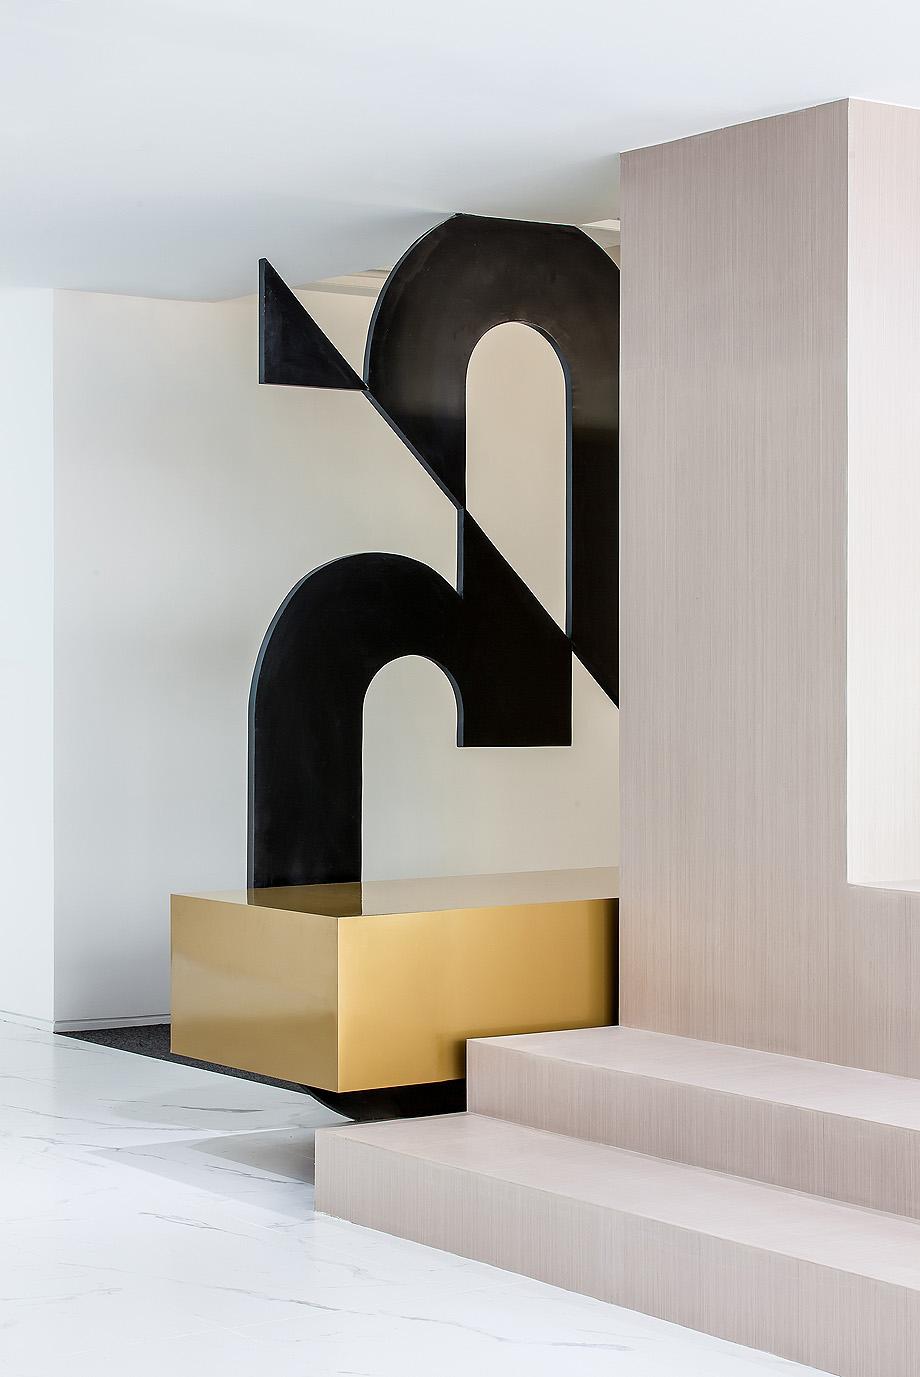 oficinas de diseño ambiental de shiyue media por cun design (9)